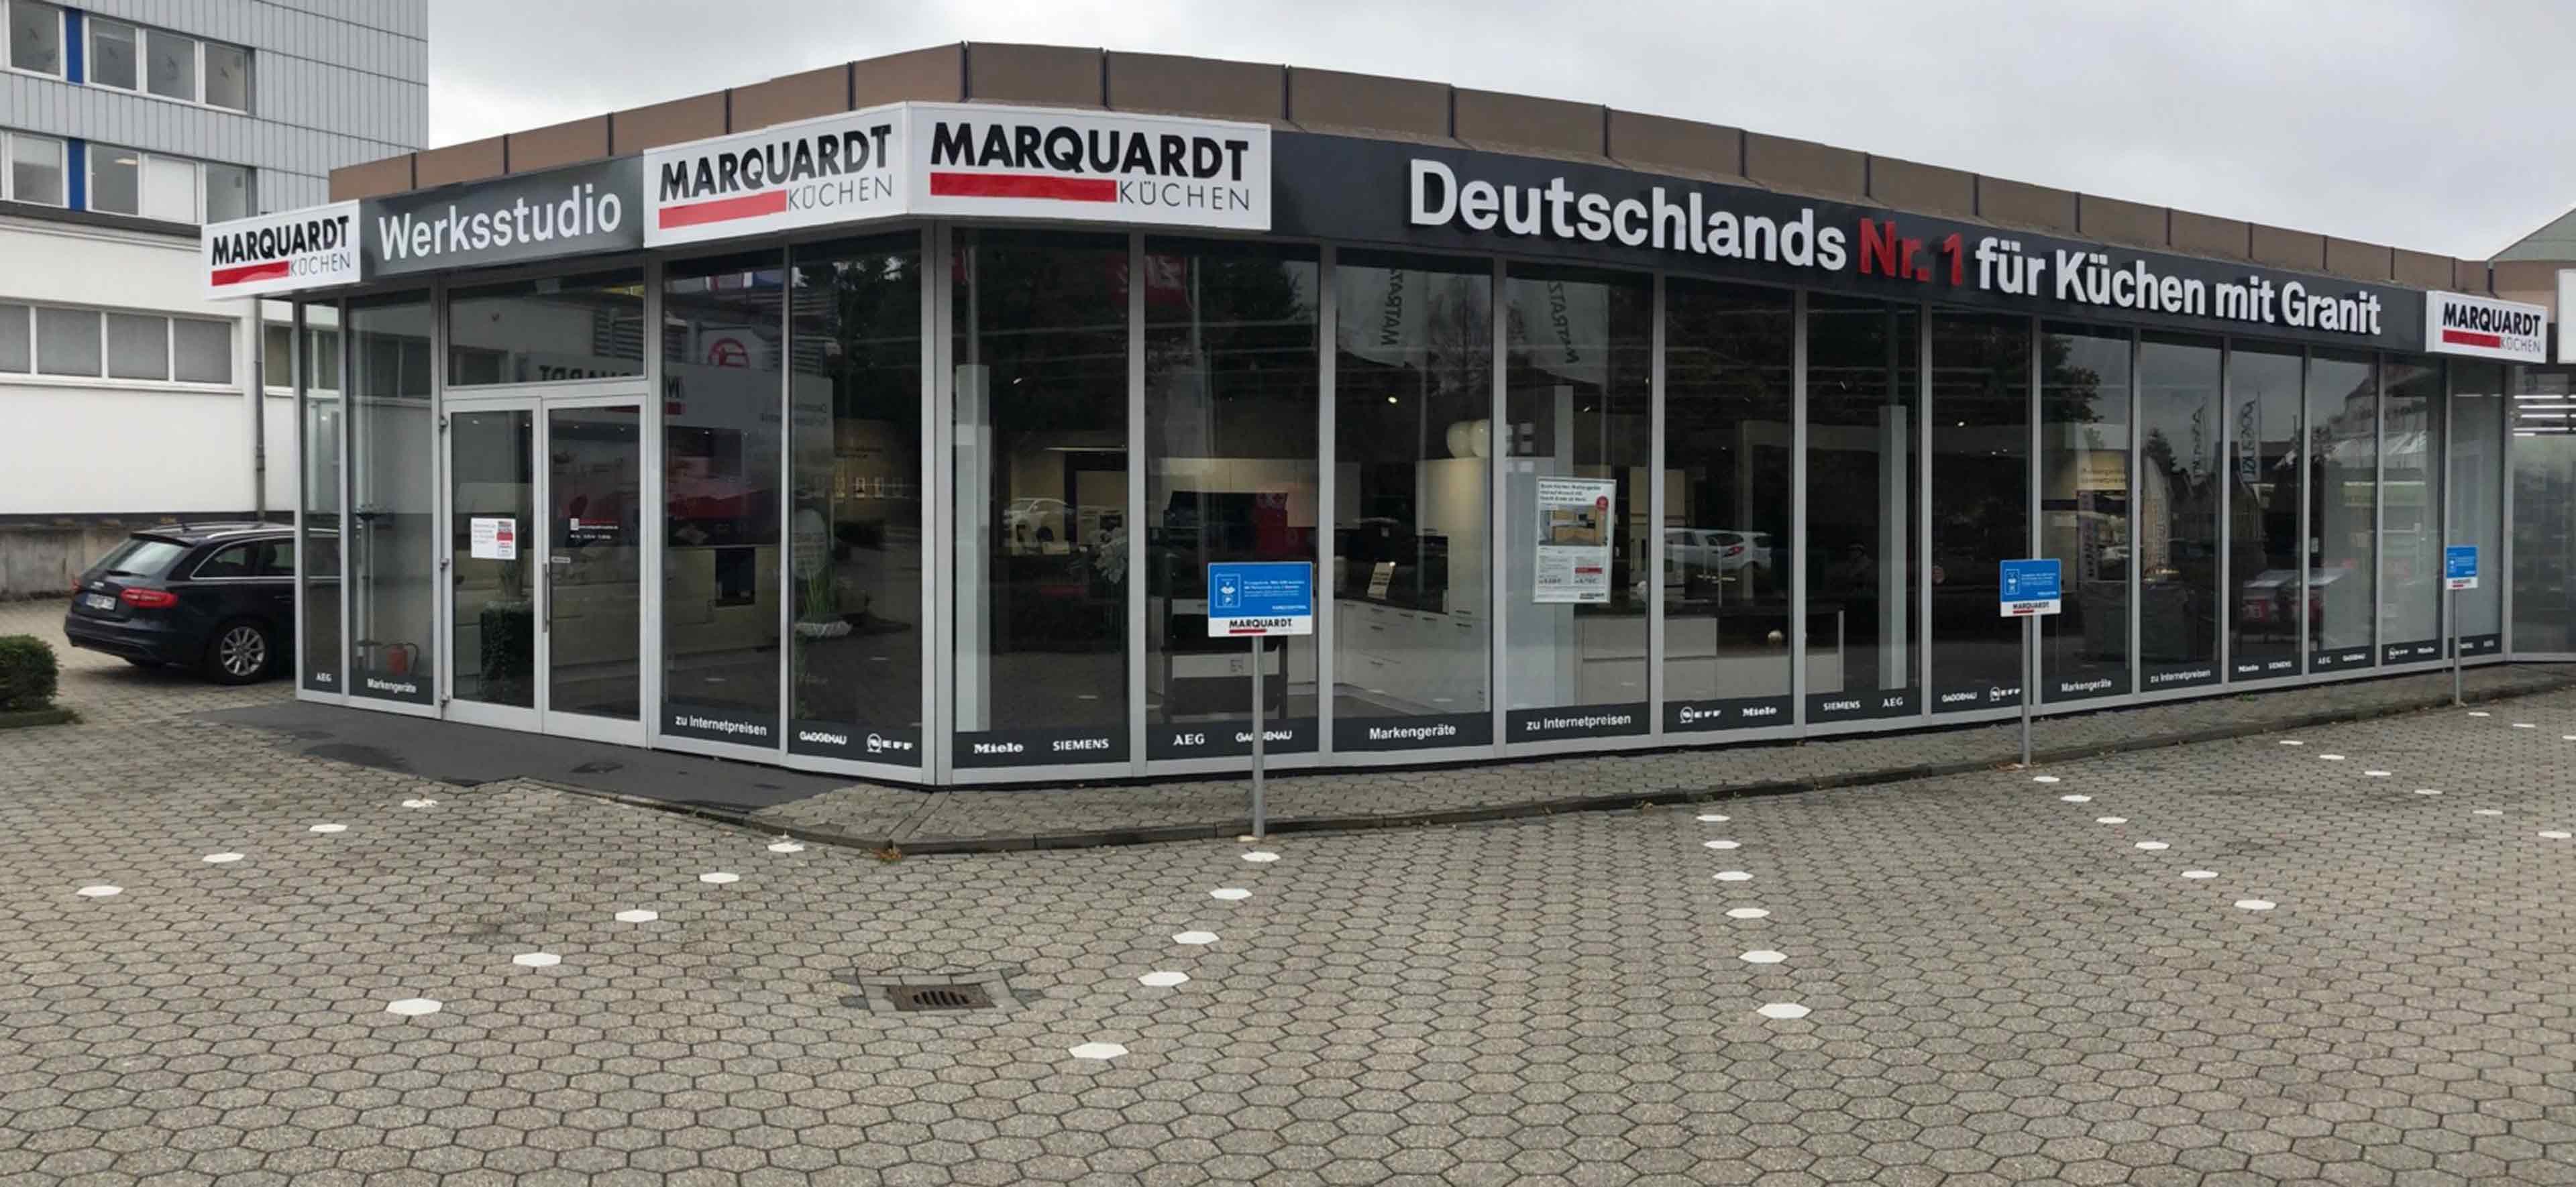 Kuchenstudio Osnabuck Marquardt Kuchen